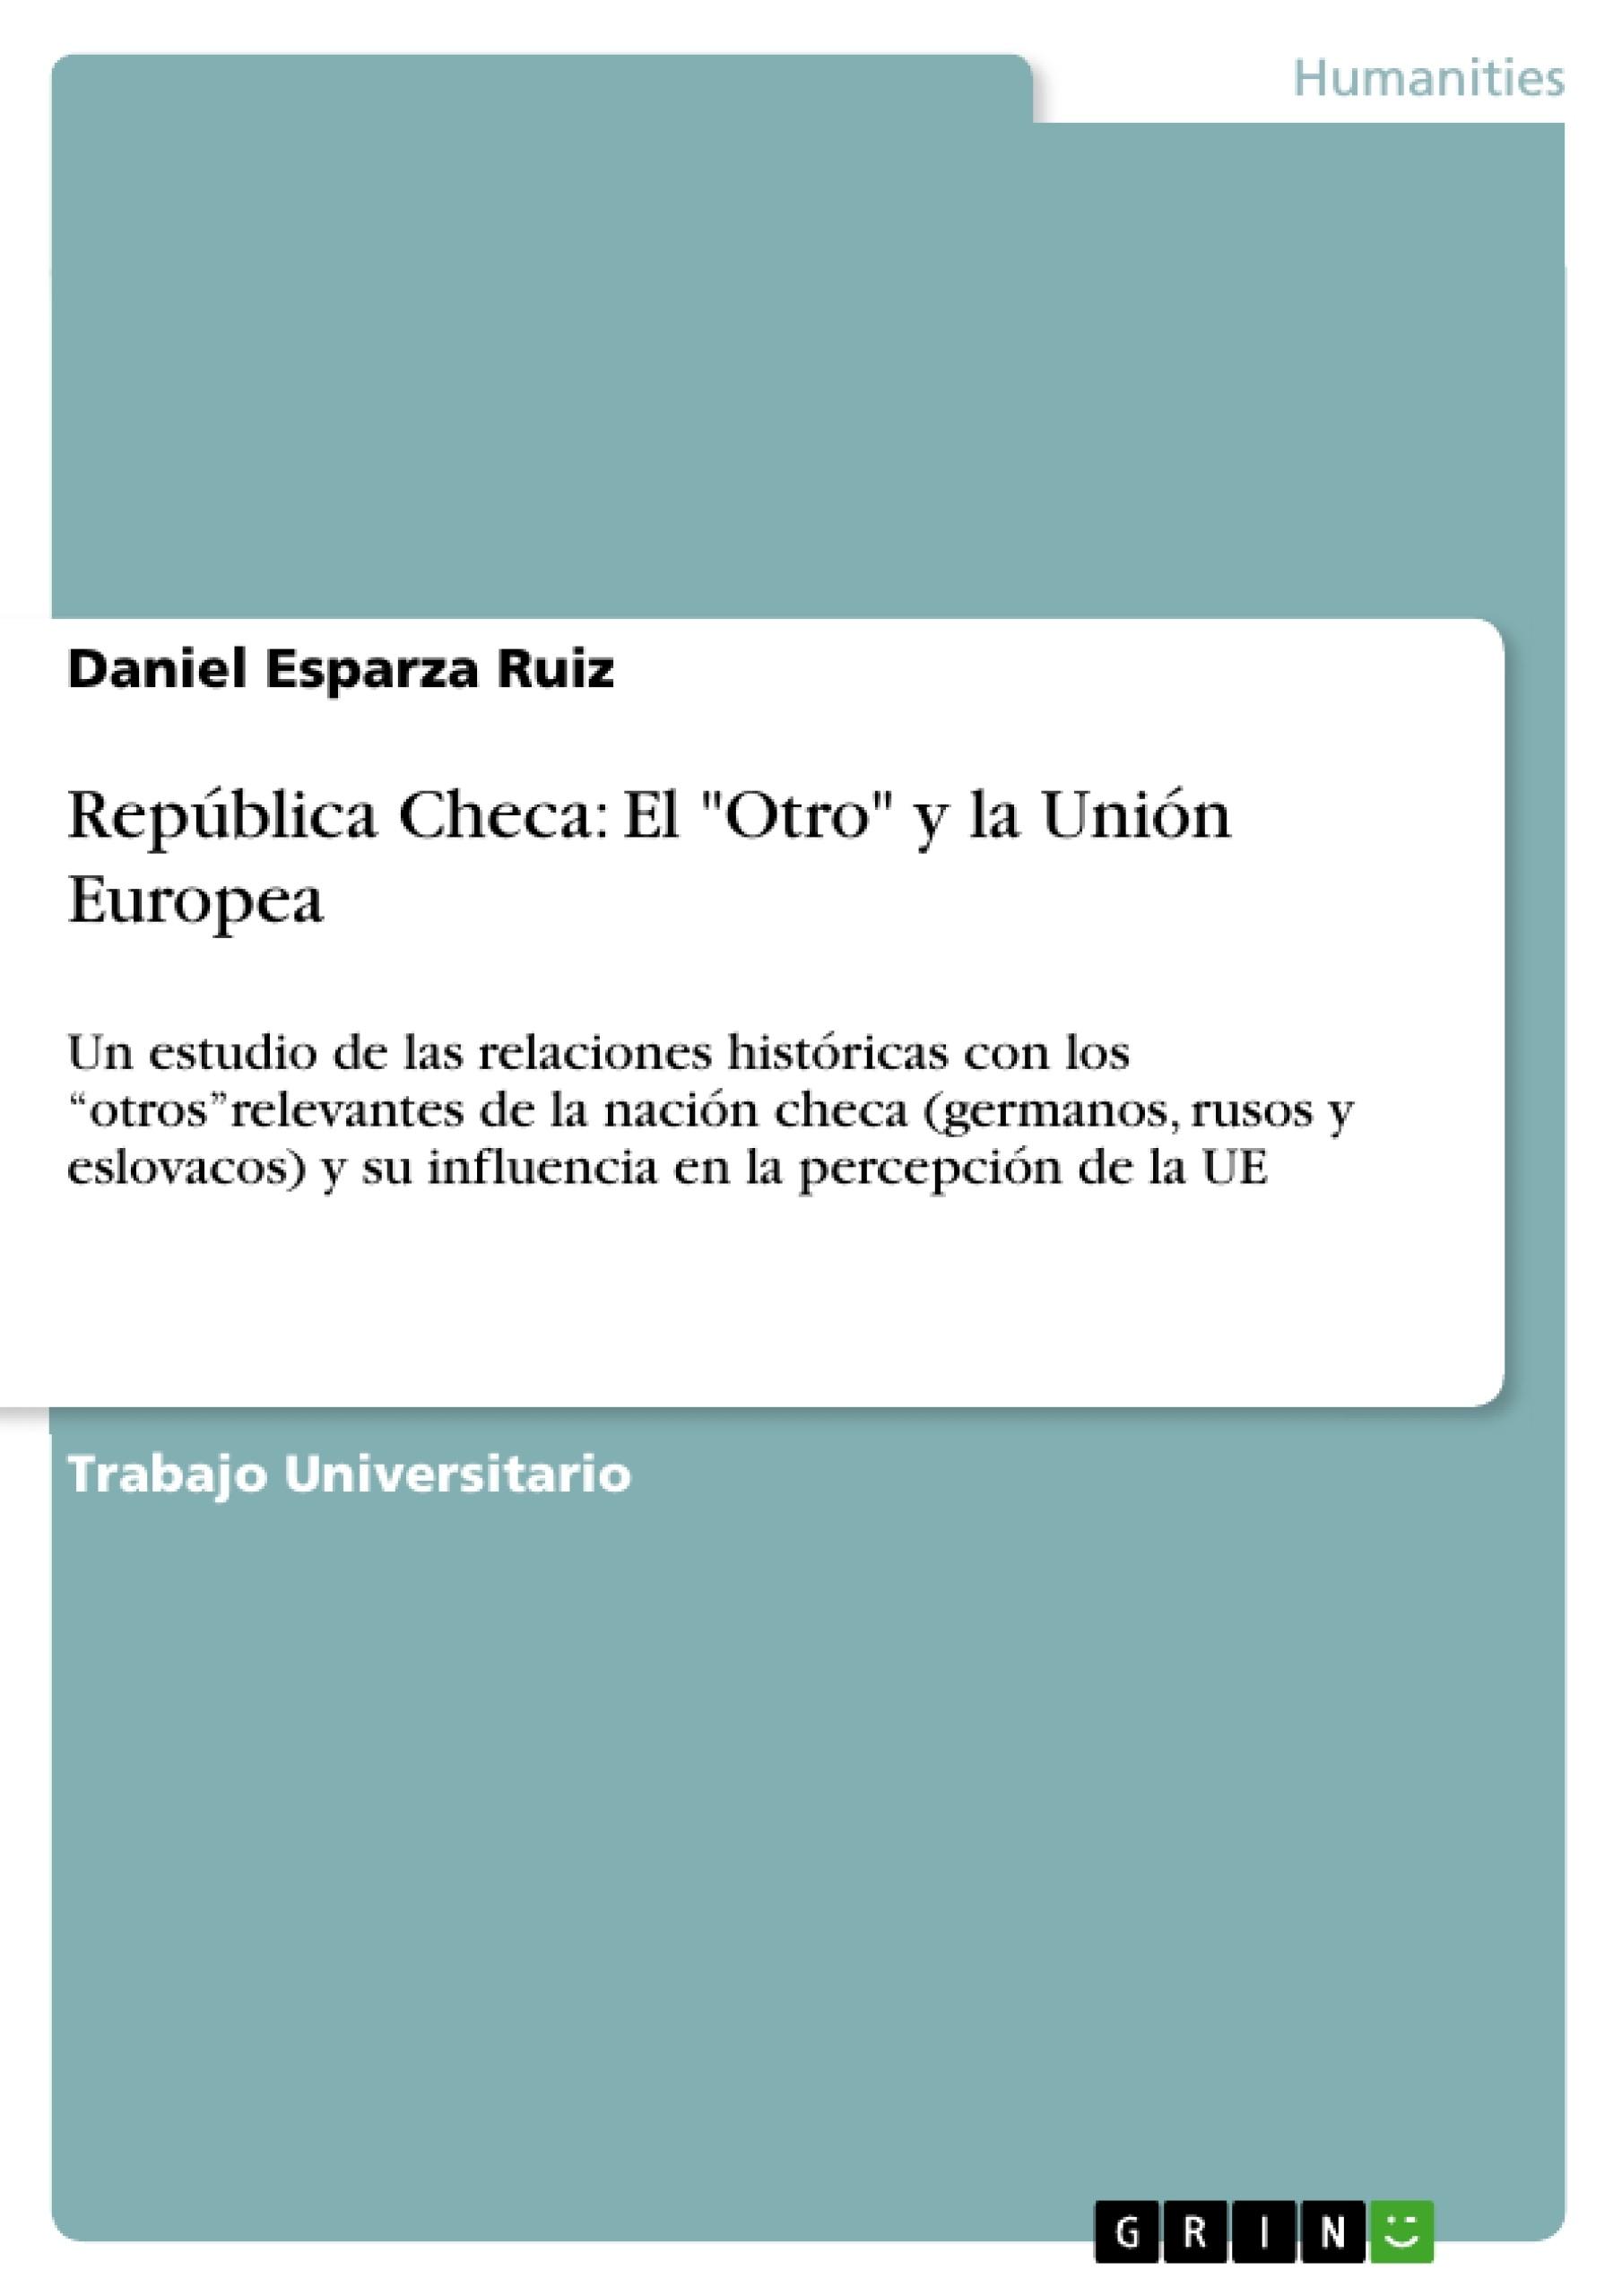 """Título: República Checa: El """"Otro"""" y la Unión Europea"""